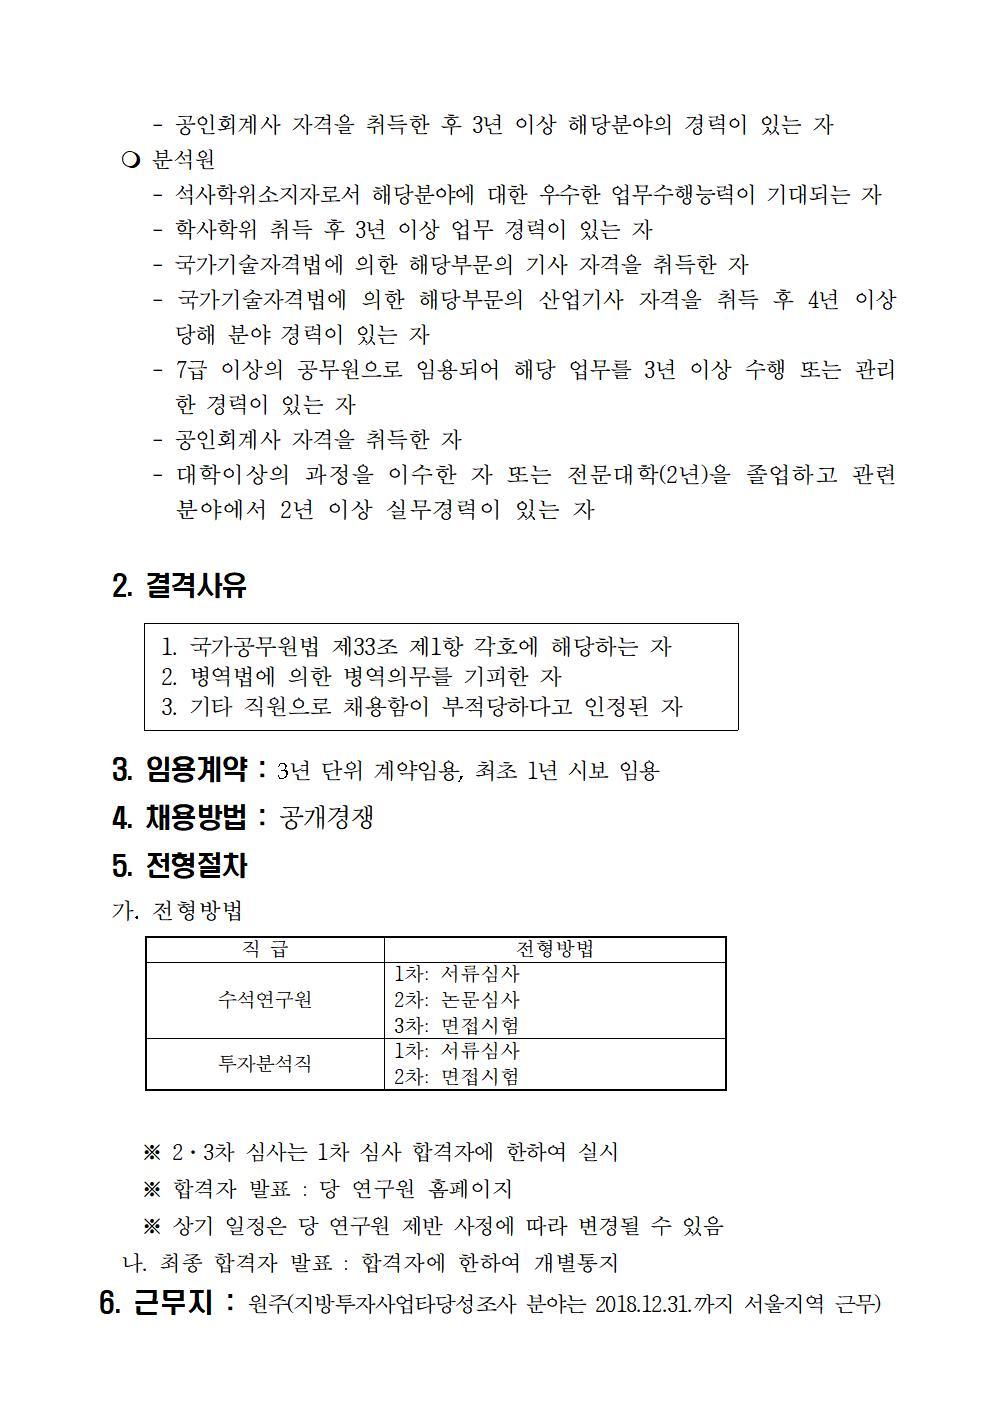 직원 채용 계획(공고문)수정002.jpg